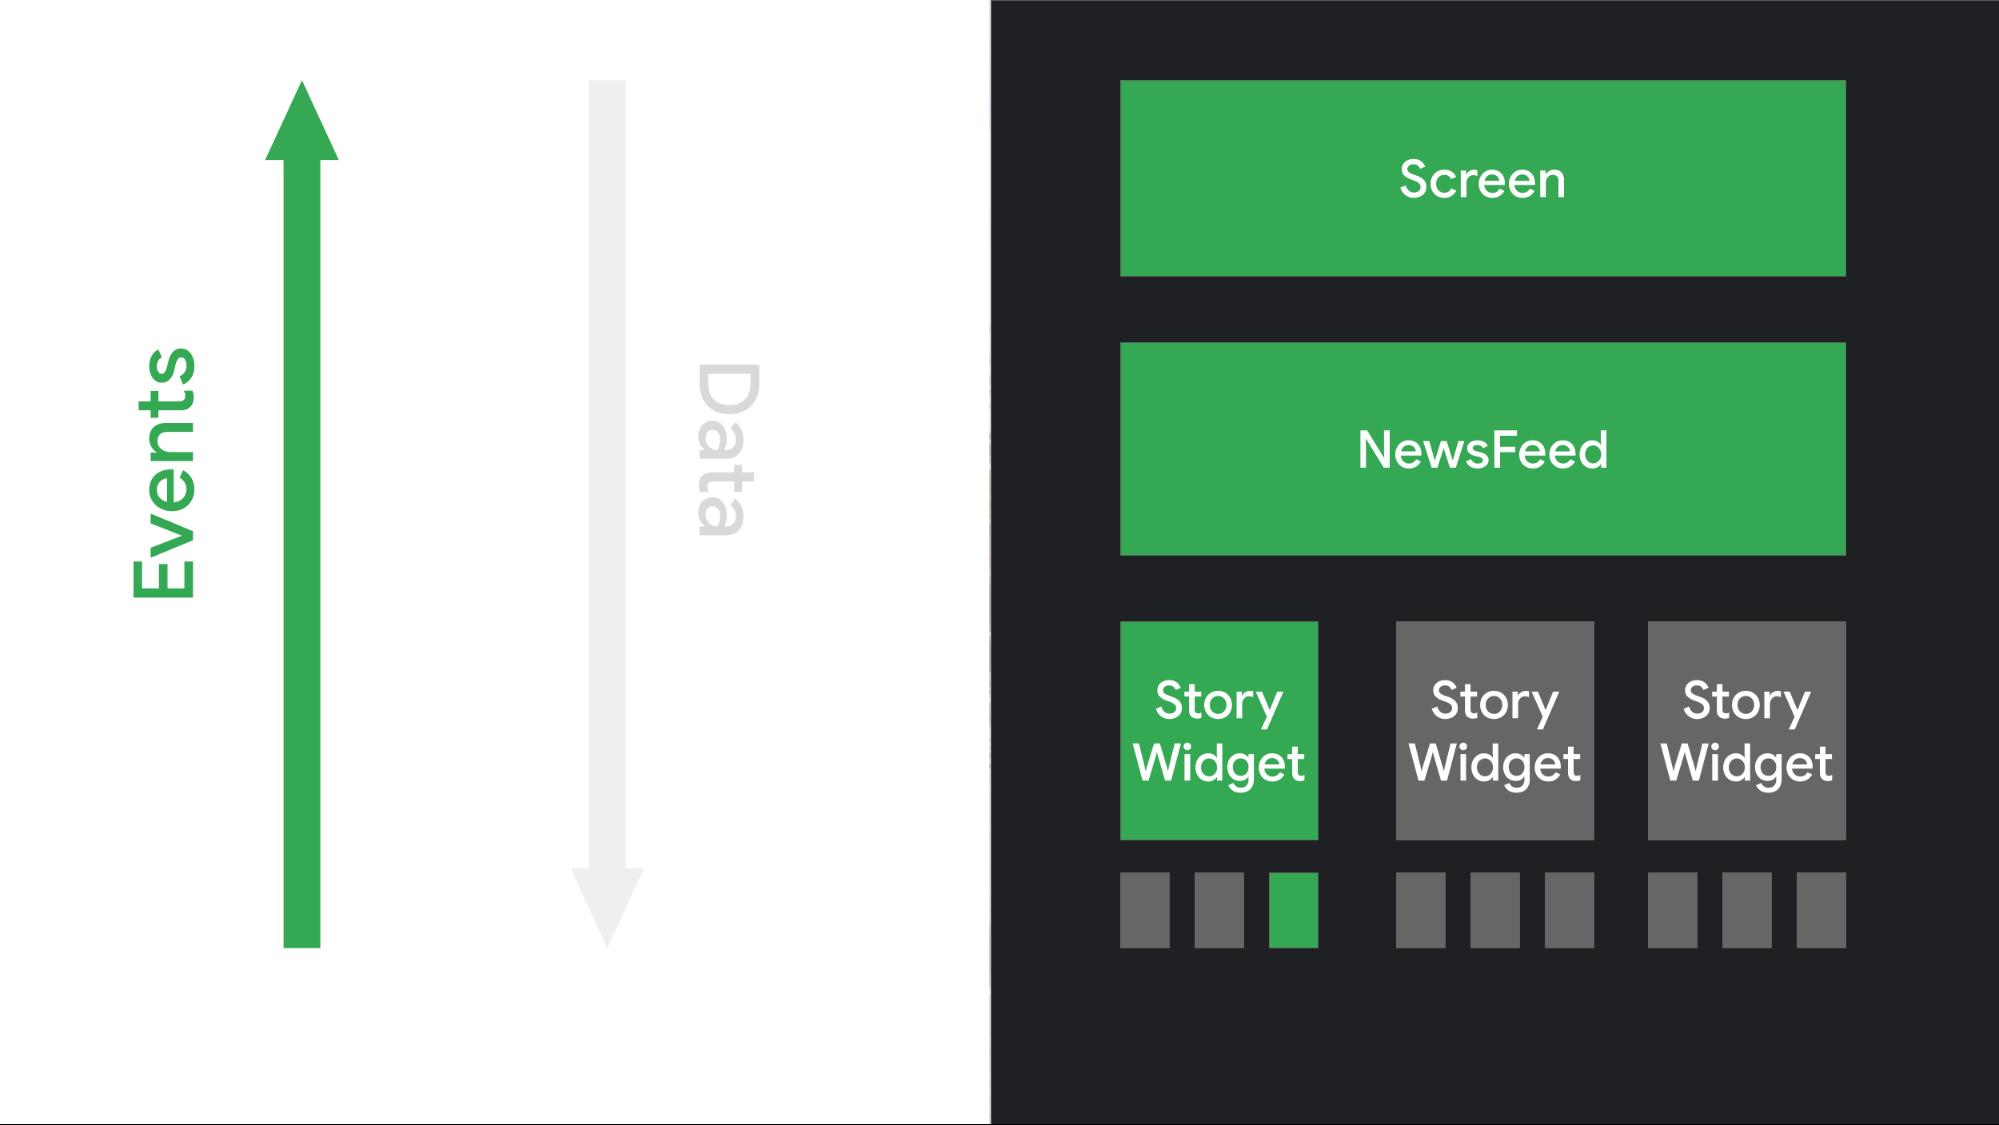 アプリロジックで処理されるイベントをトリガーすることで、UI 要素が操作にどのように応答するかを示した図。